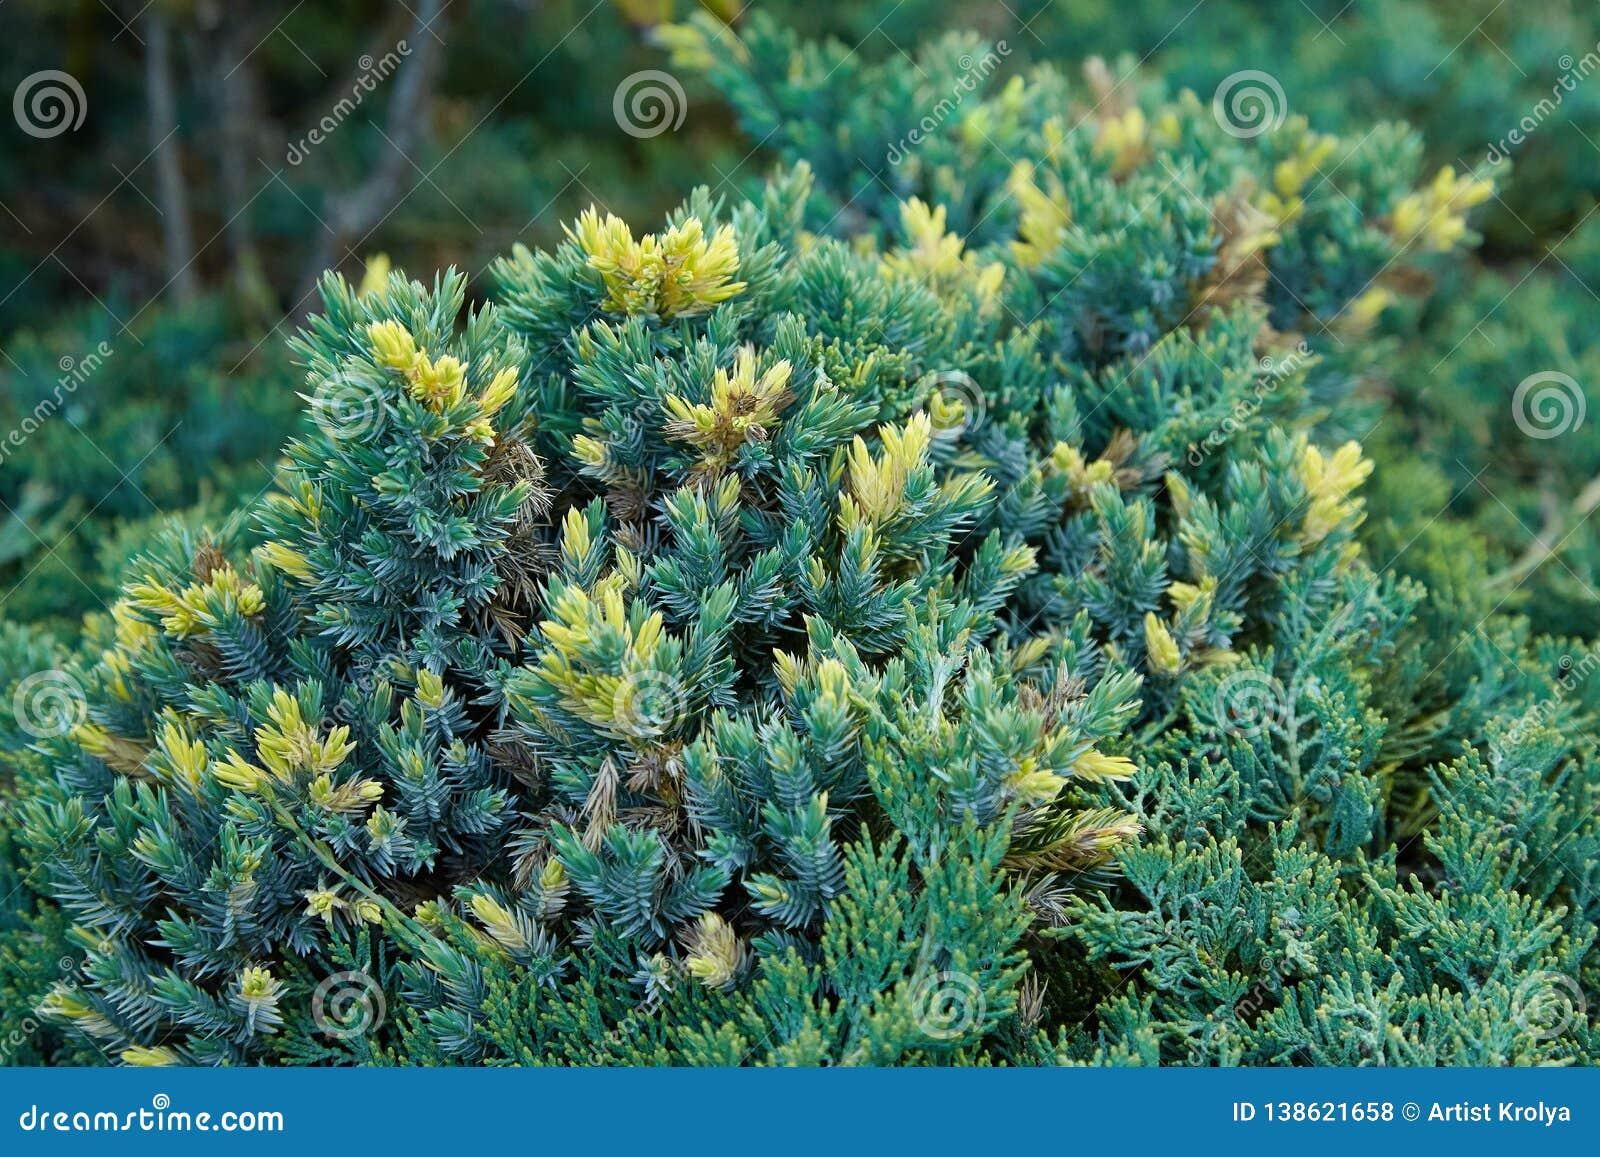 绿色云杉groving在户外庭院里